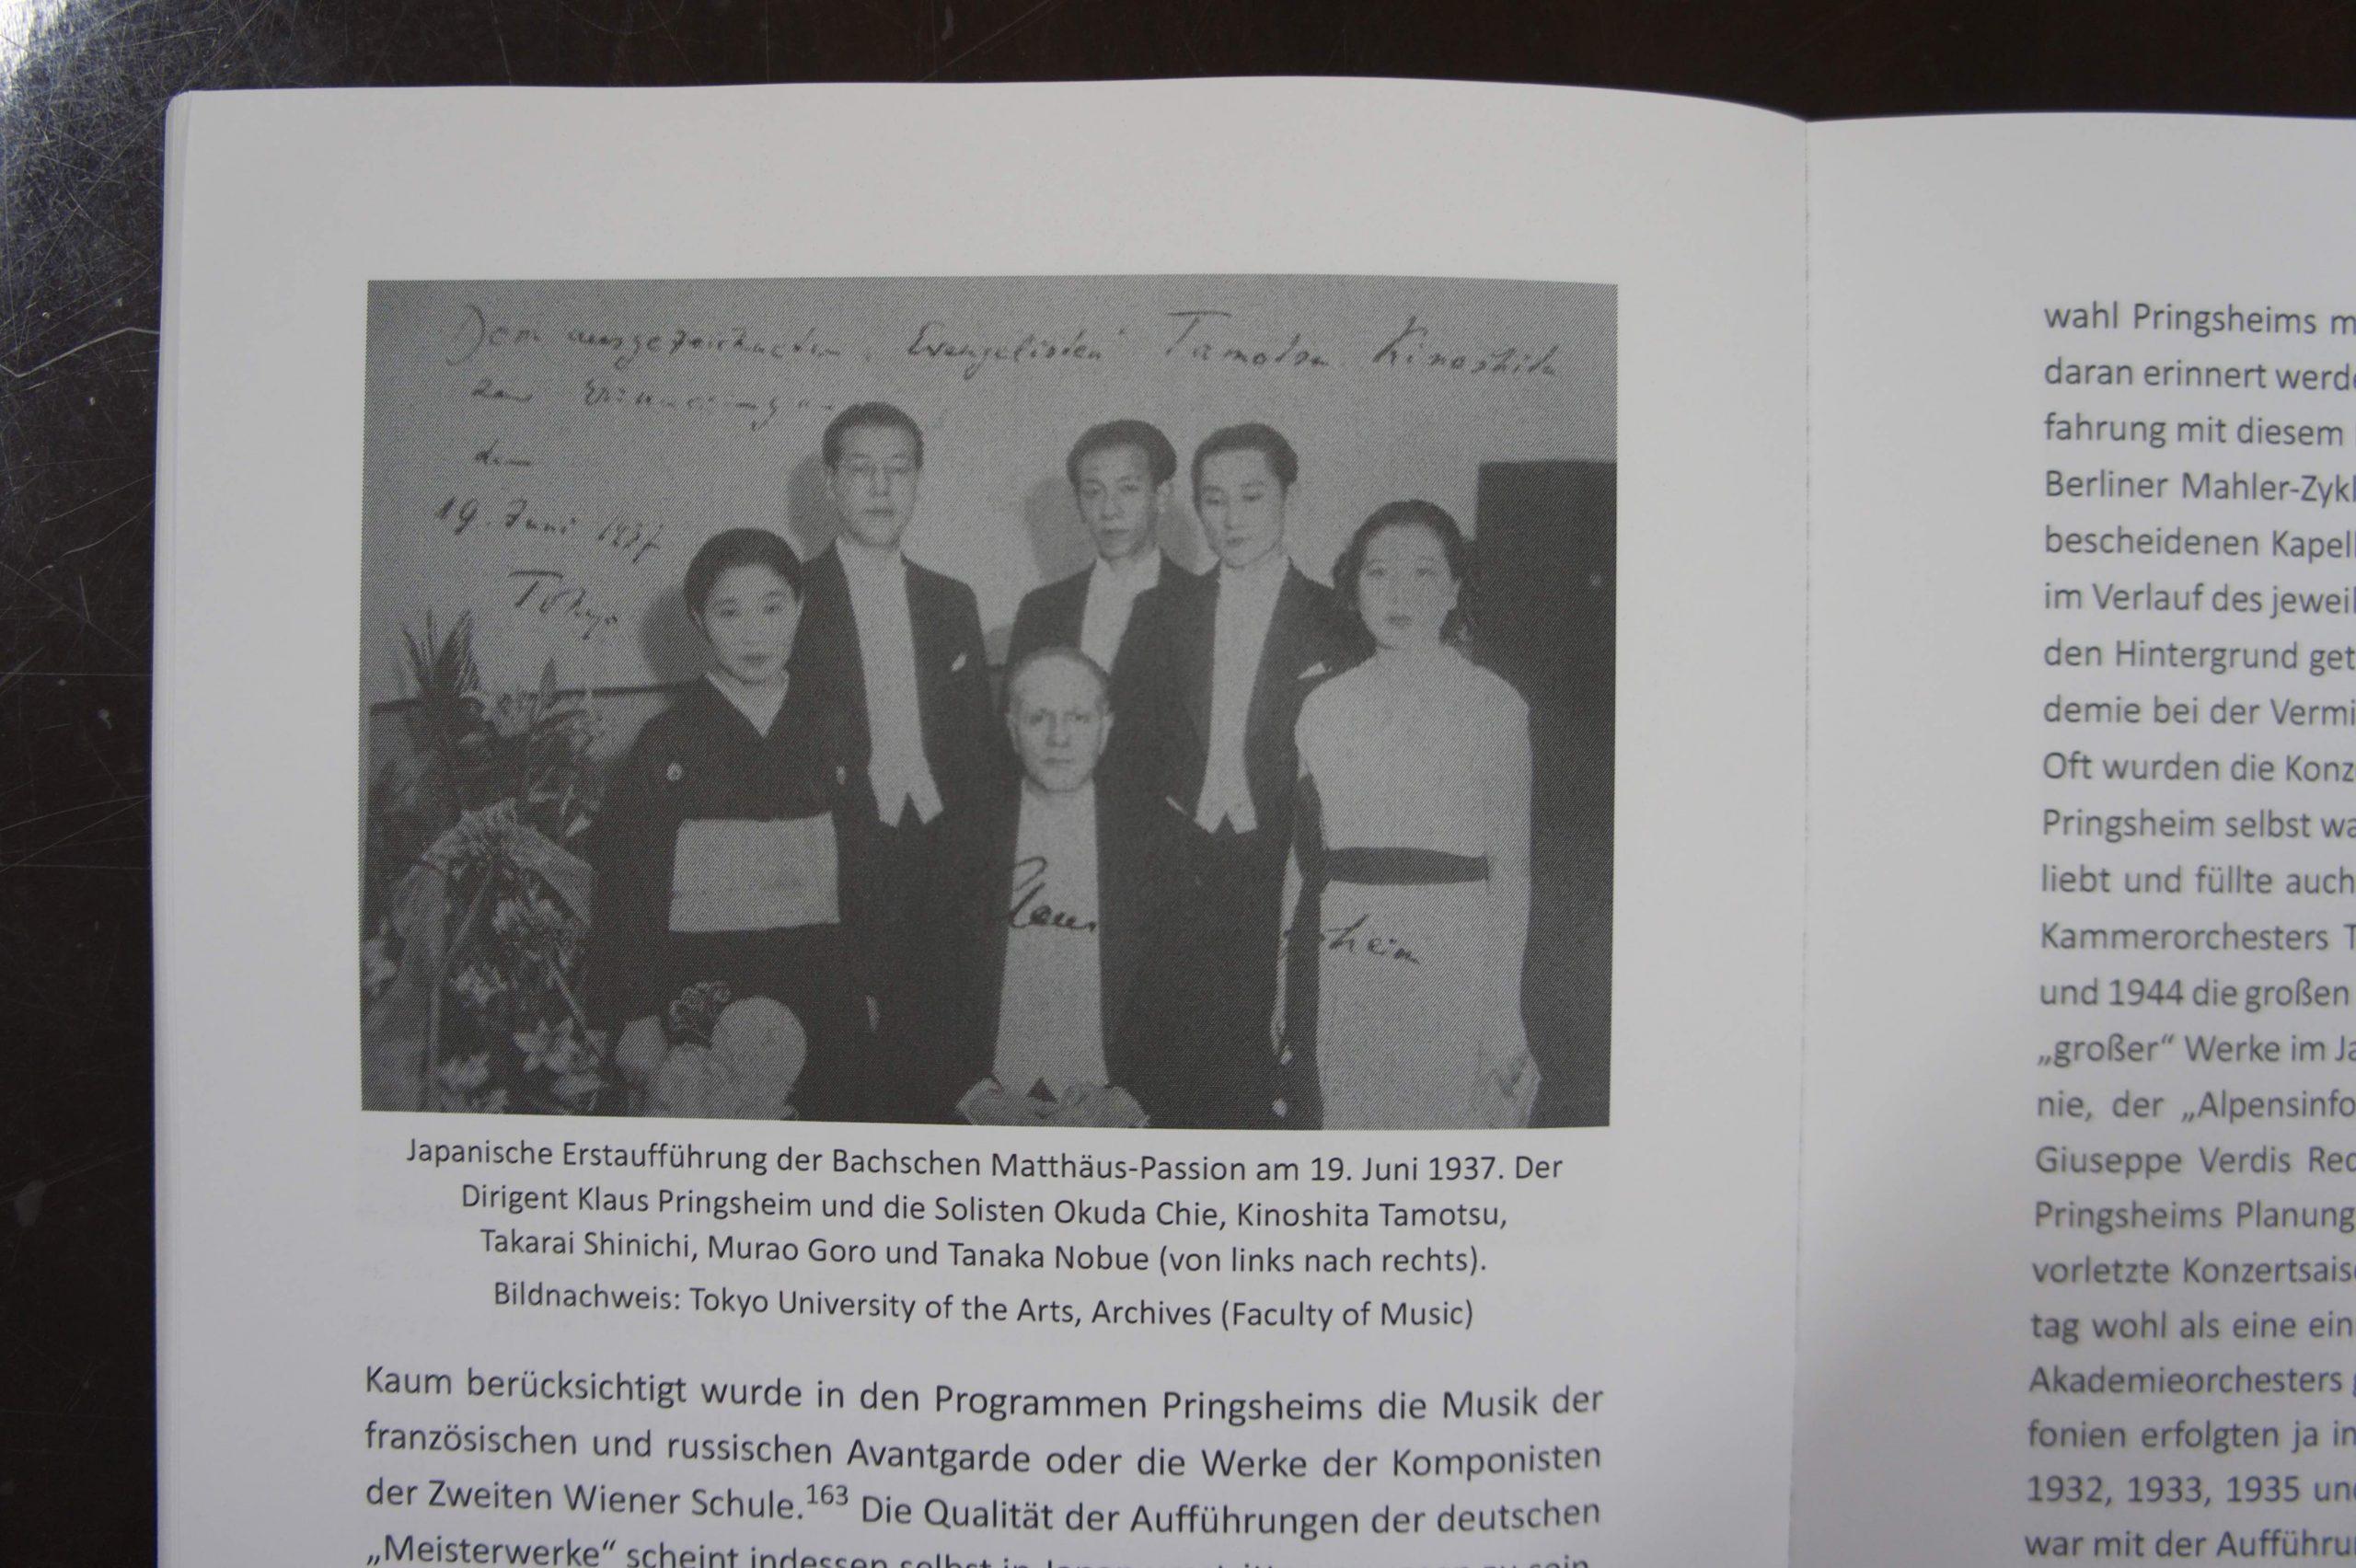 Eisinger, op.cit., p.86. 木下保氏資料(1937年《マタイ受難曲》日本初演時の写真)の掲載ページ